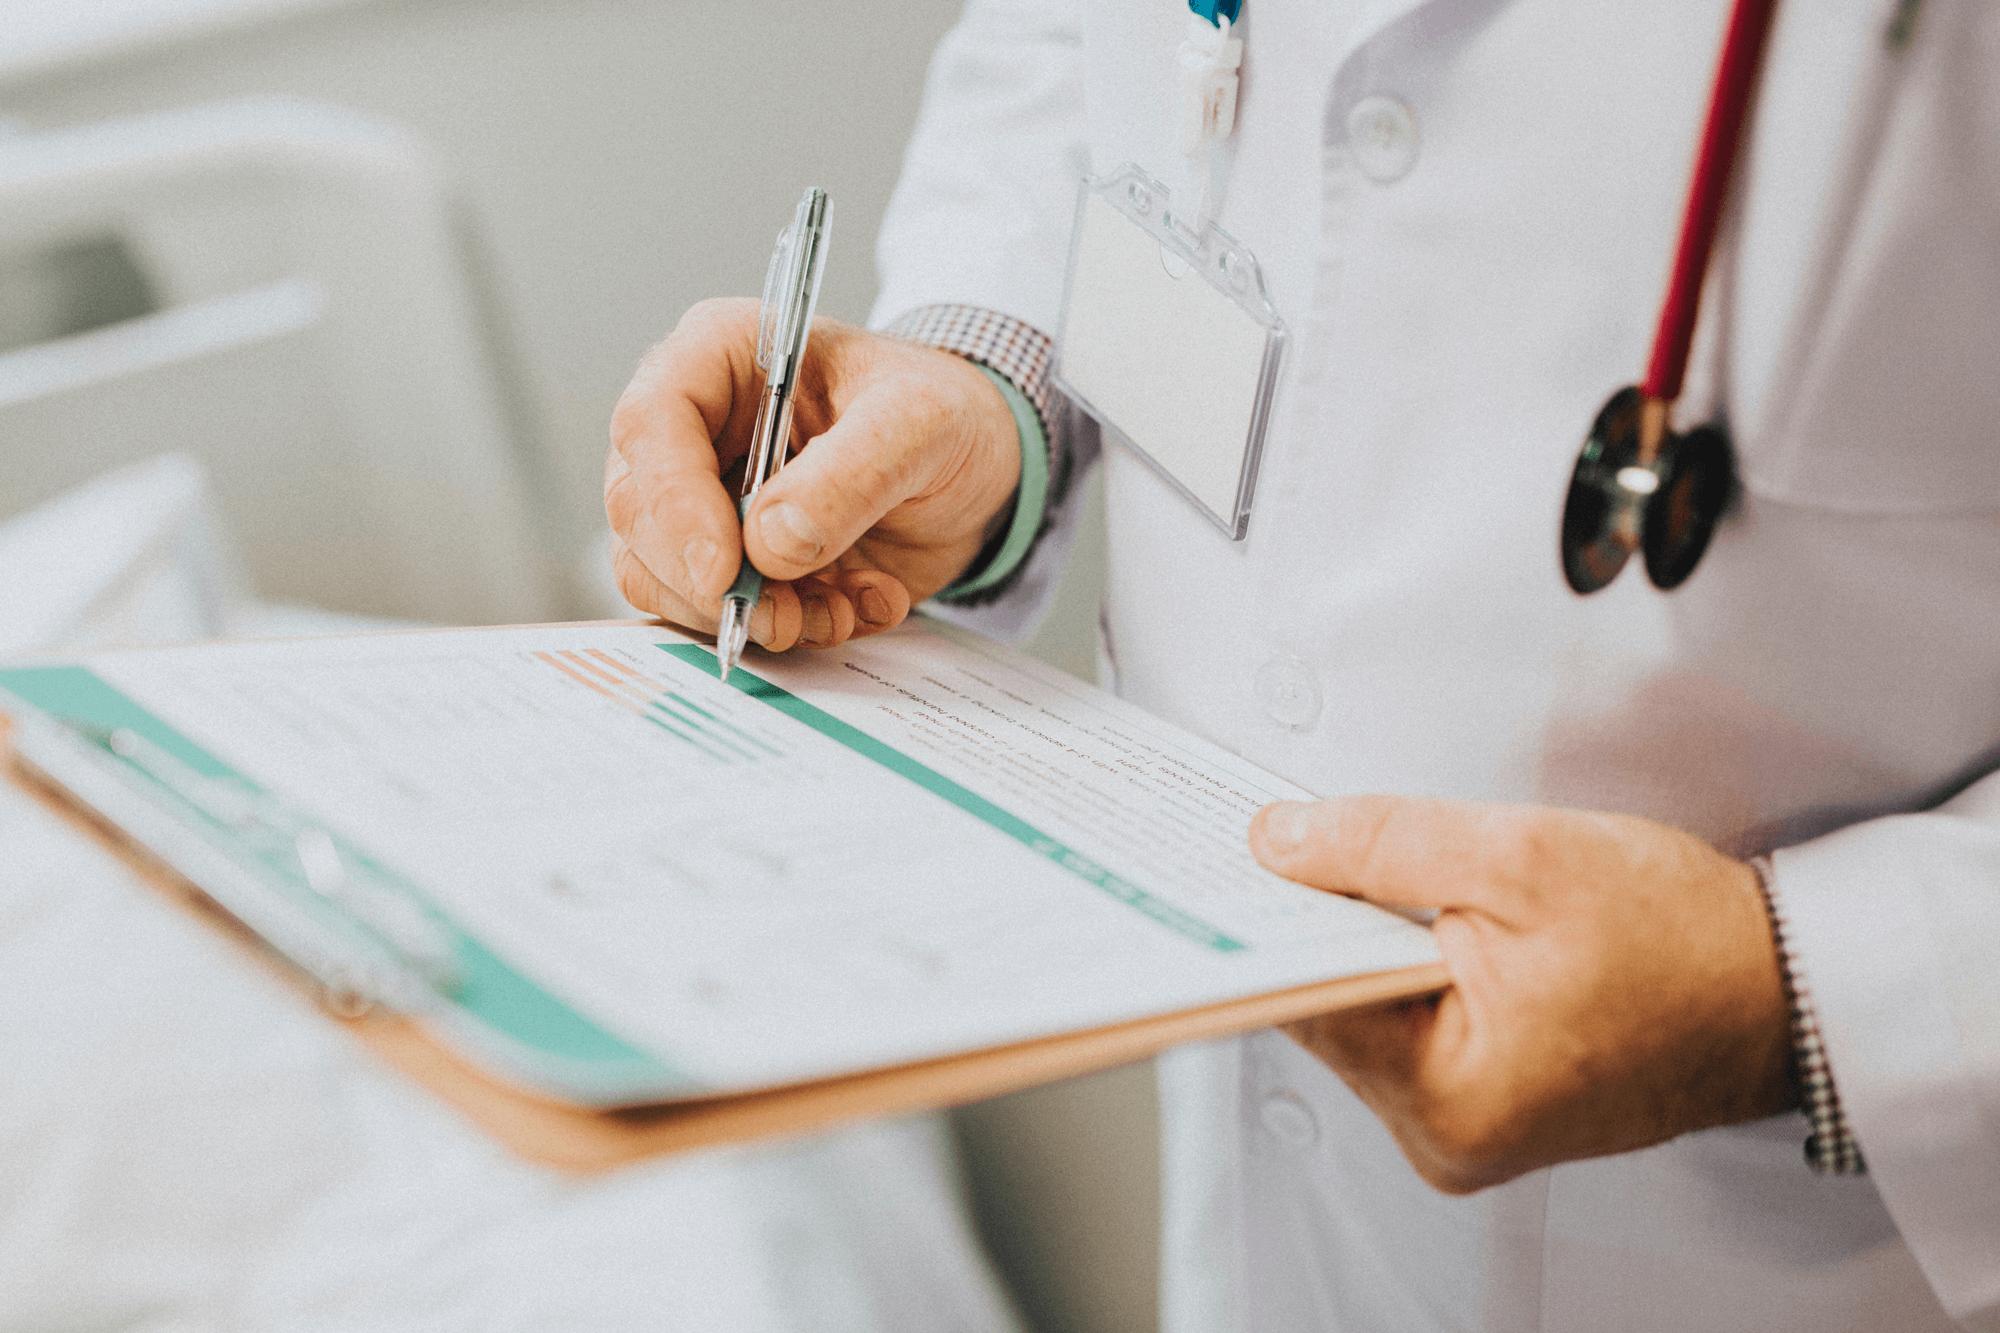 Gezondheidszorg   Welzijn   Care & Cure   Zorgsector   Trends